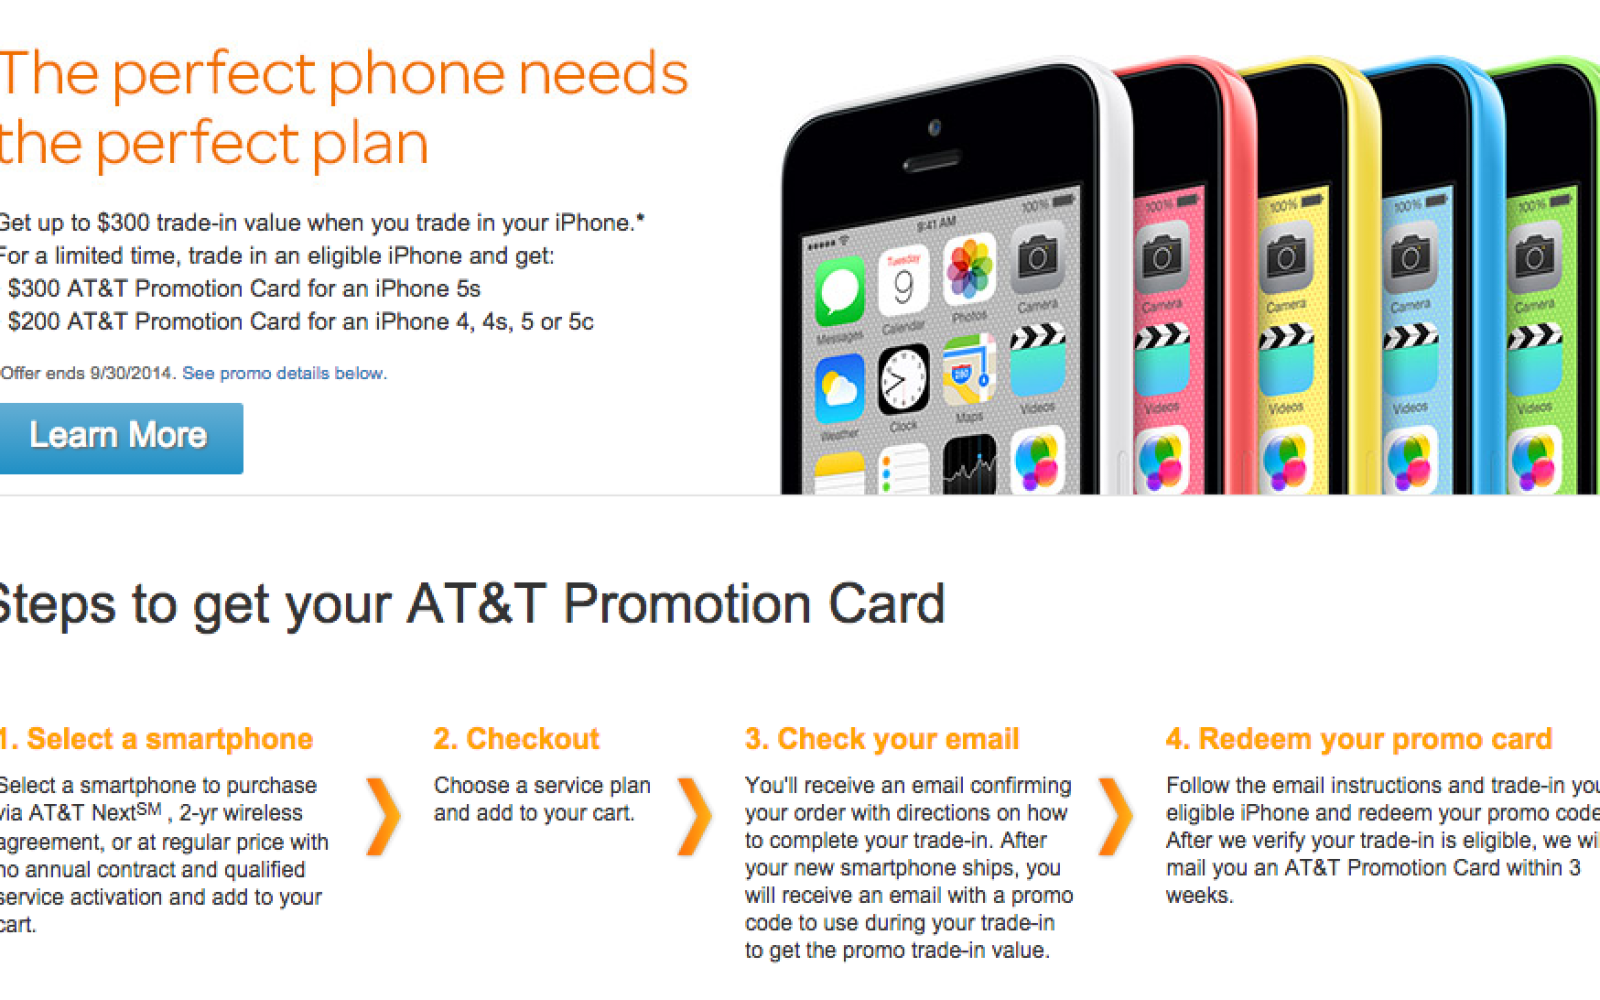 Att Announces Iphone 6 Trade In Promo Includes 200 Minimum For